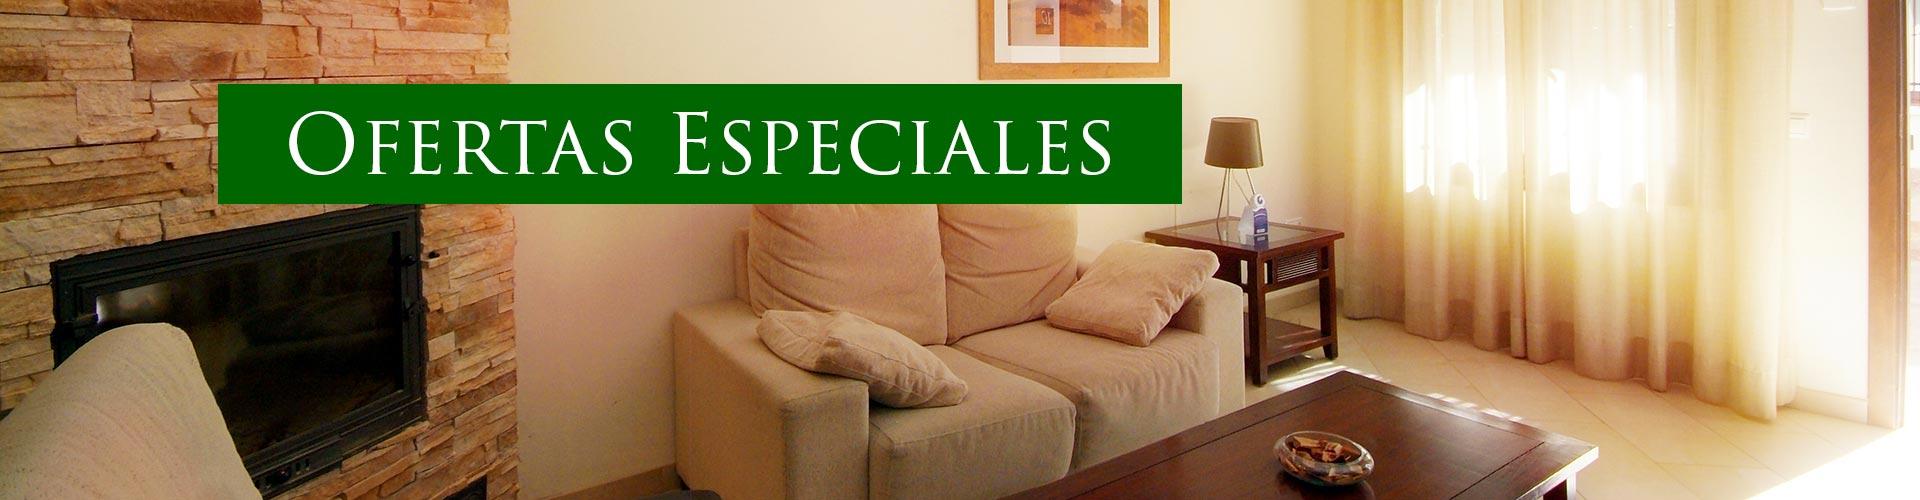 Ofertas Especiales en Apartamentos Ardales